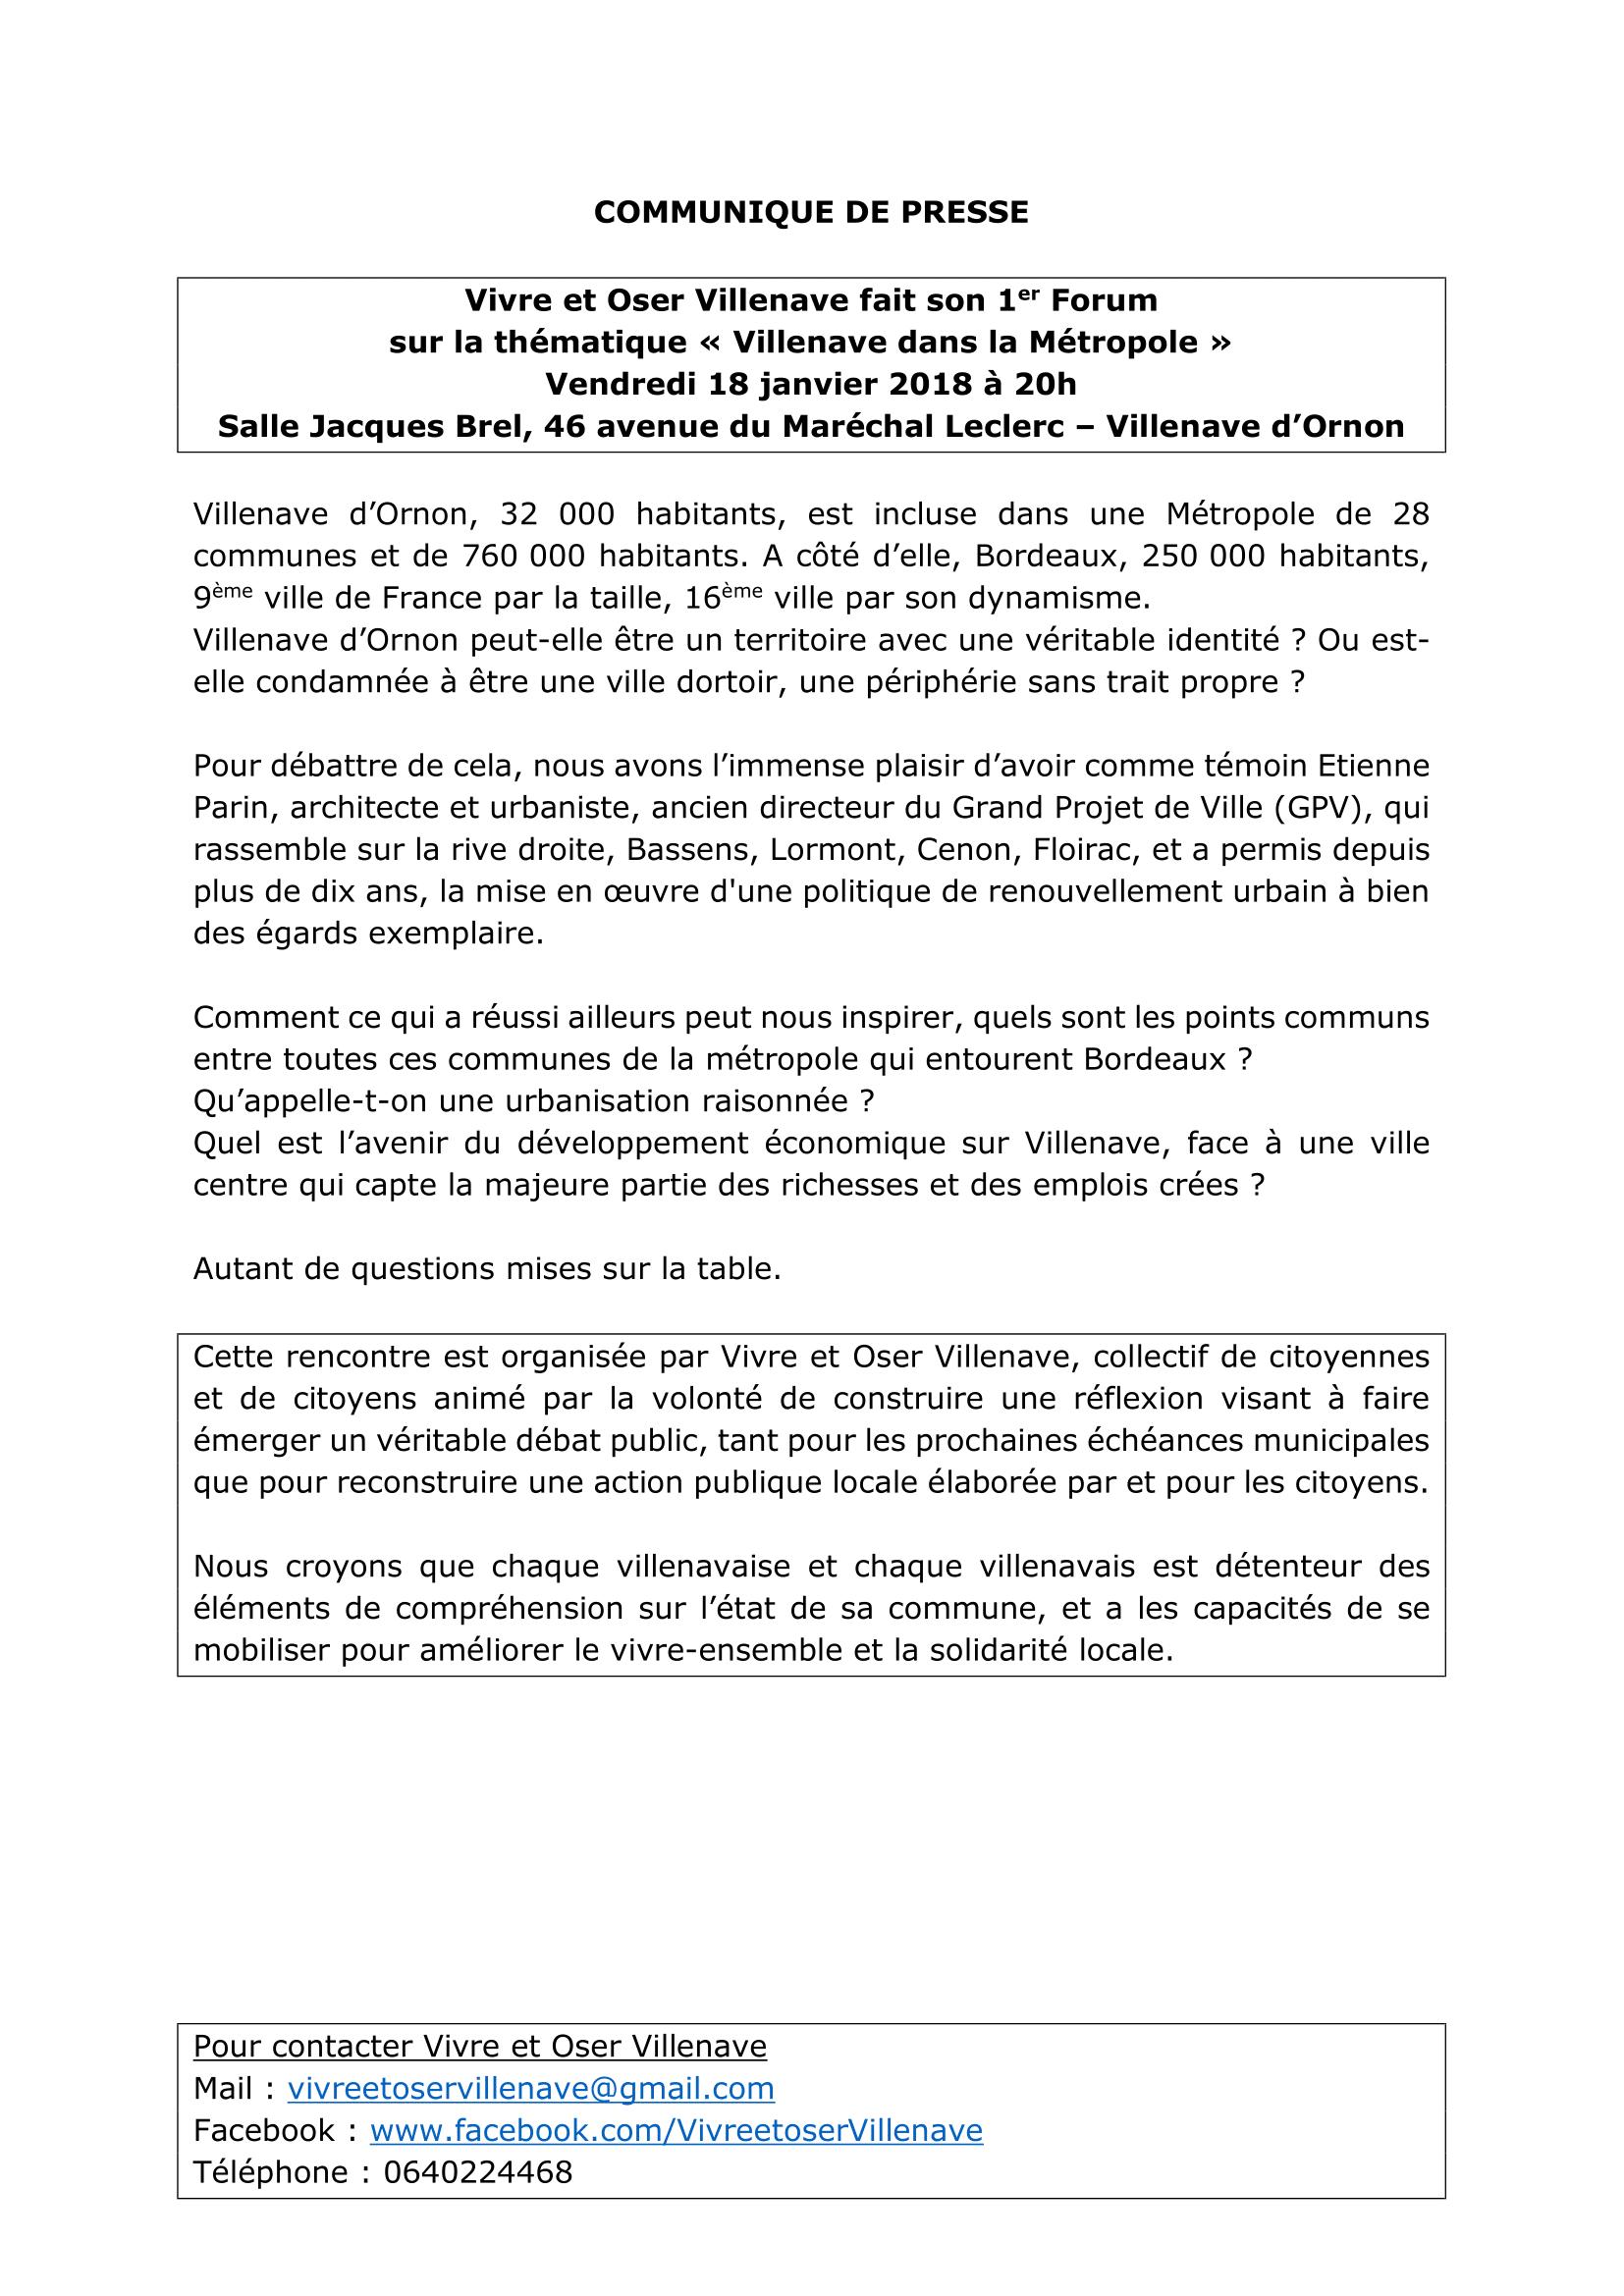 cp-vivre-et-oser-reunion-du-18-janvier-2019-1